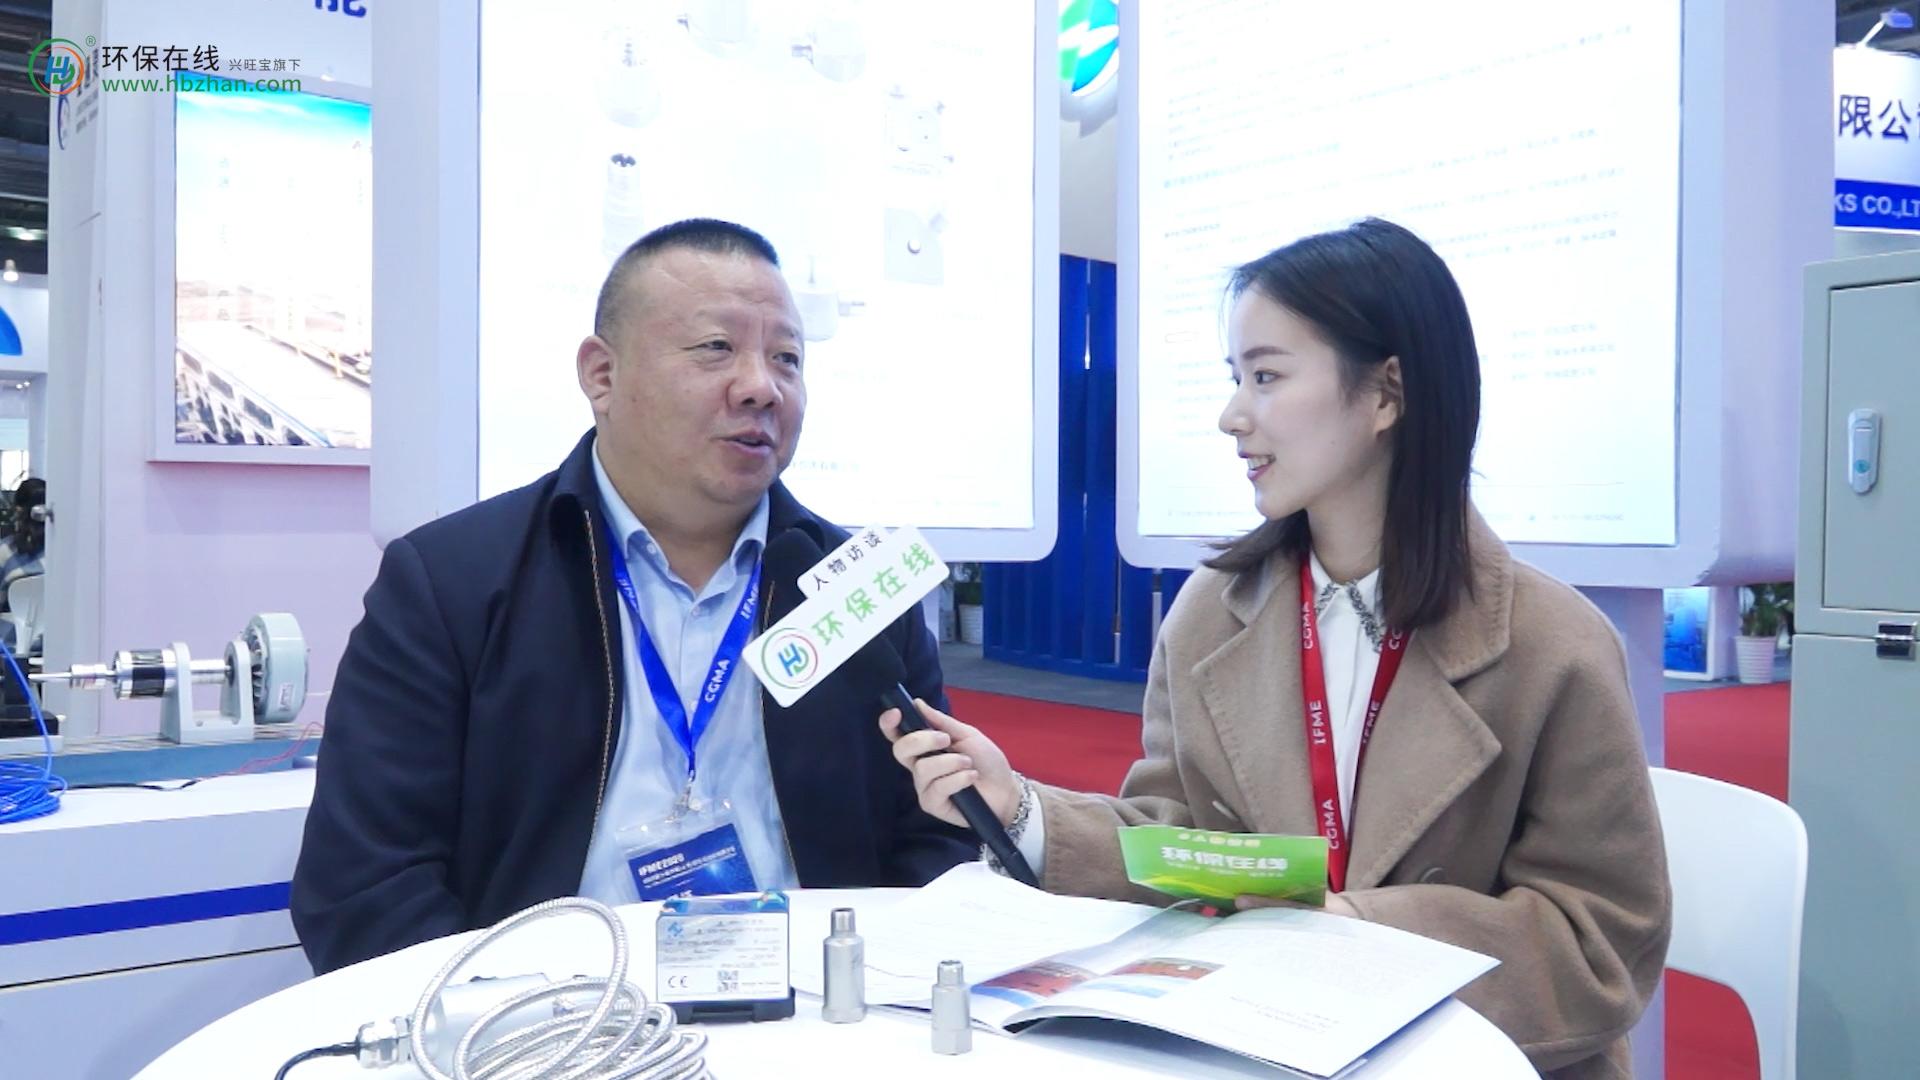 專訪︰無錫市厚德自動化儀表有限公司董事長徐志強